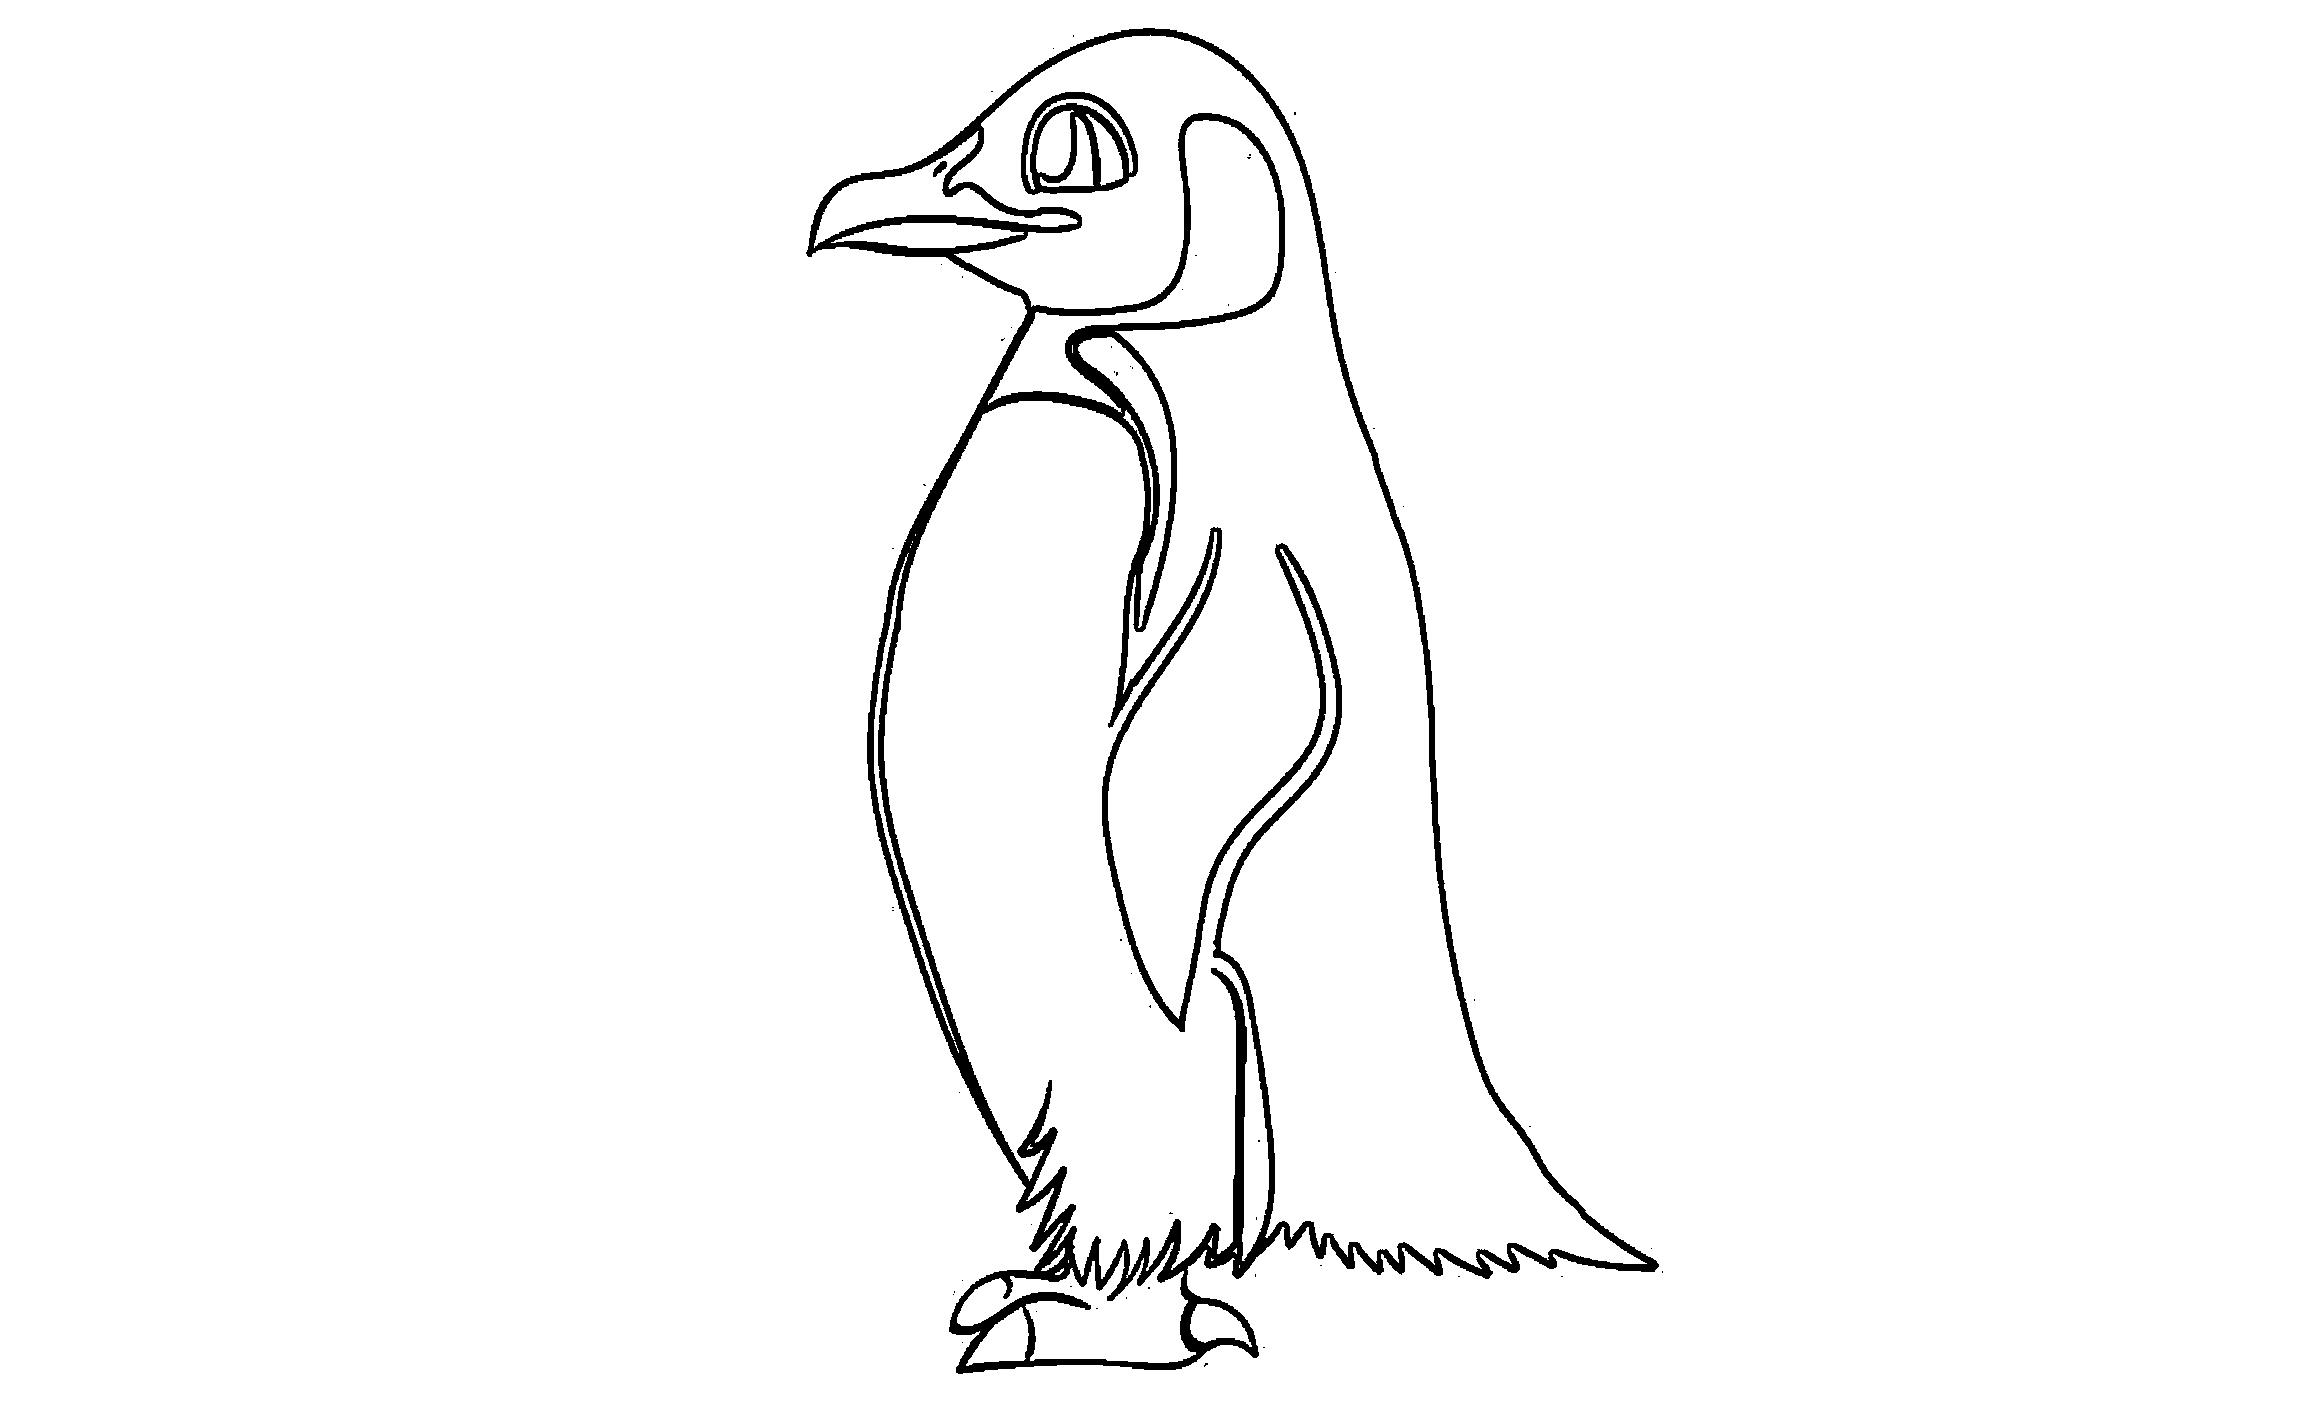 Pinguin Ausmalbilder Kostenlos Malvorlagen Windowcolor Zum Drucken